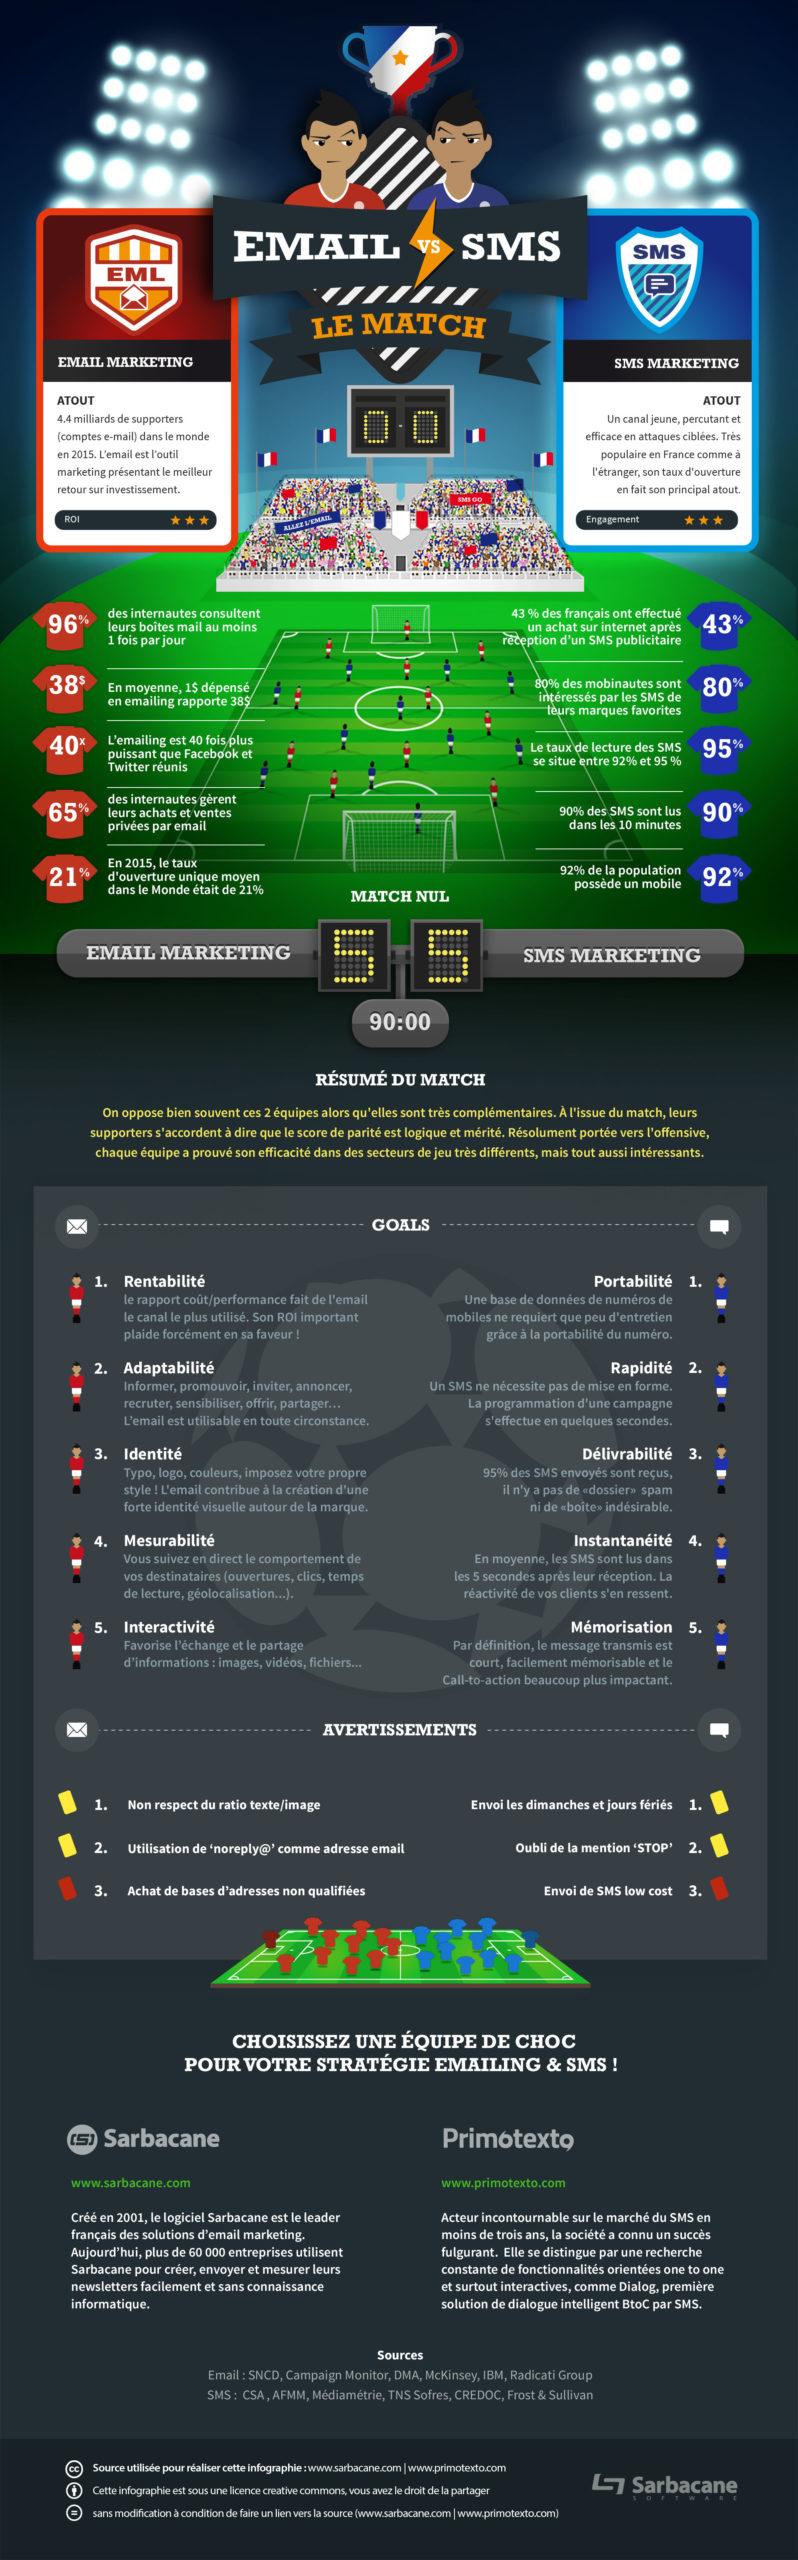 infographie-sarbacane-primotexto-1